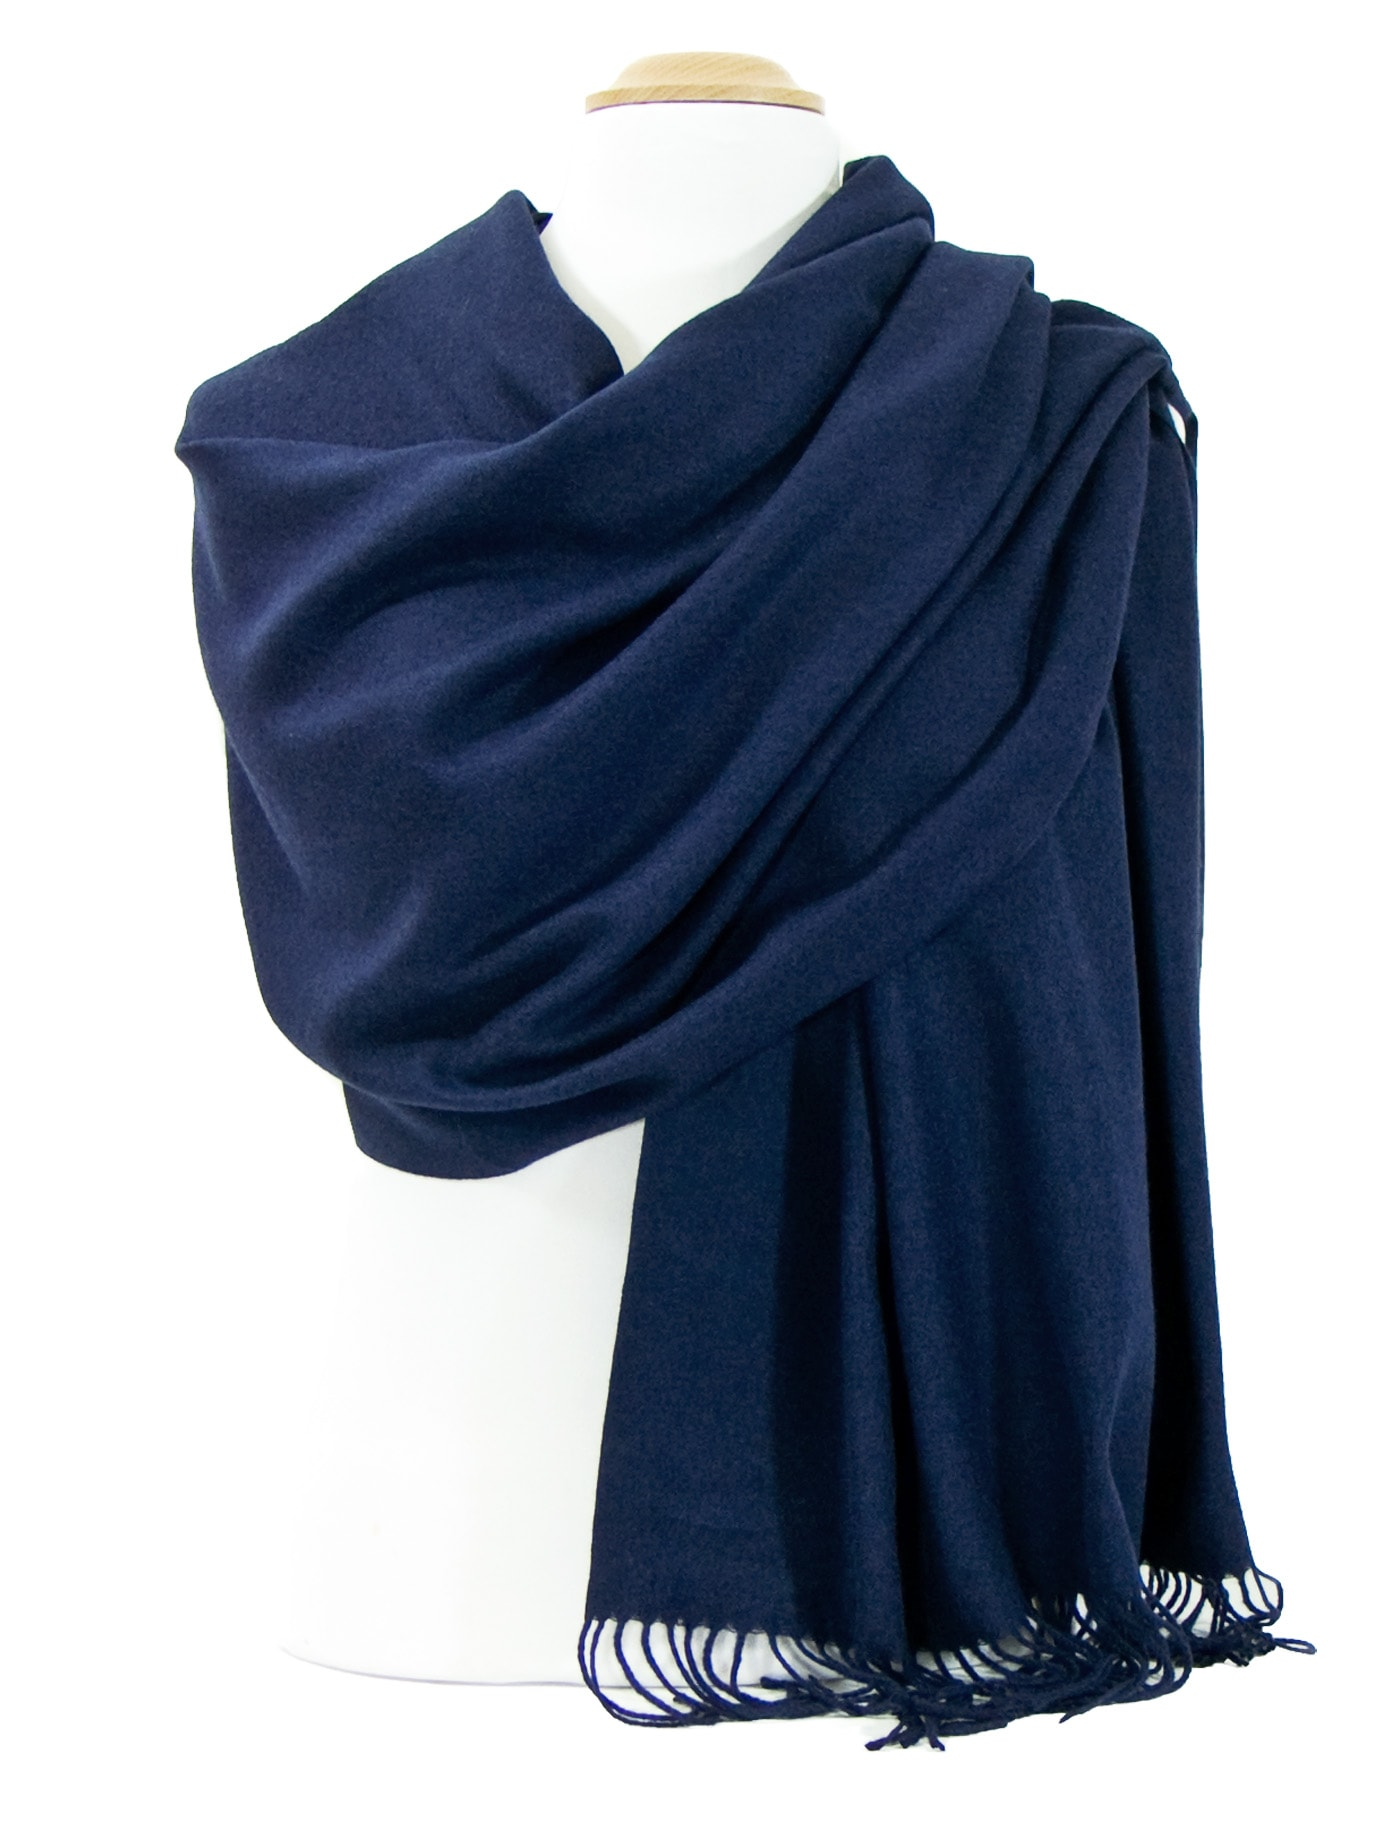 Etole bleu marine cachemire et laine Edition limitée - Etole laine Etole  laine cachemire - Mes Echarpes 8cd8308461e